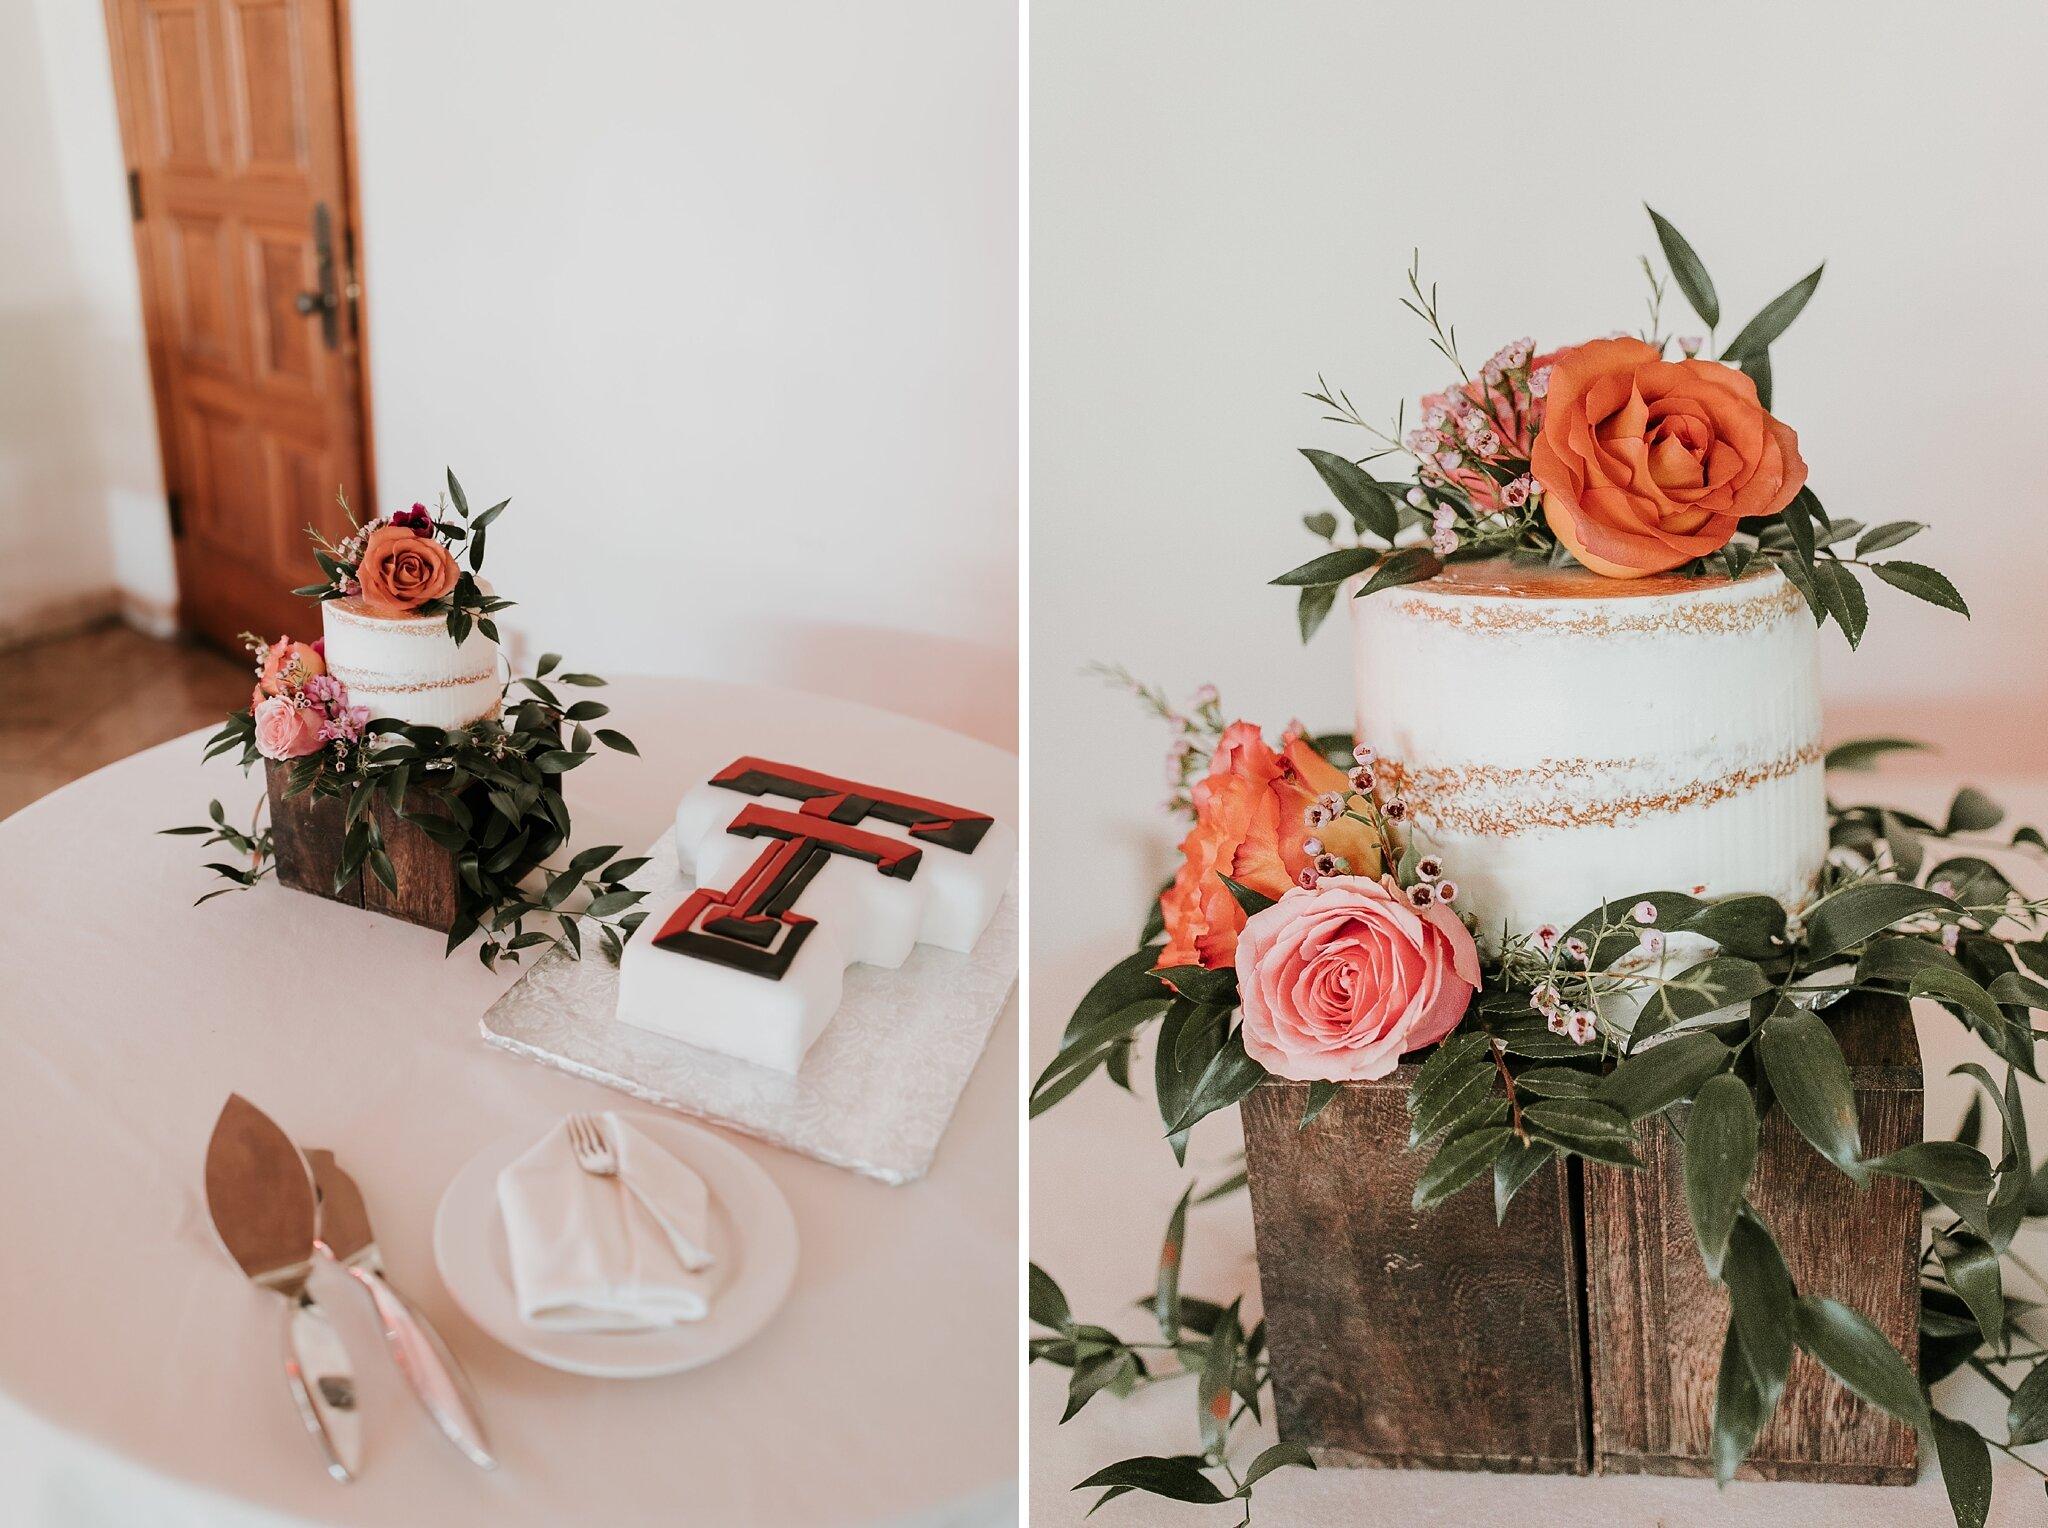 Alicia+lucia+photography+-+albuquerque+wedding+photographer+-+santa+fe+wedding+photography+-+new+mexico+wedding+photographer+-+new+mexico+wedding+-+wedding+-+wedding+cakes+-+flroal+cake+-+santa+fe+cake+-+santa+fe+baker_0016.jpg